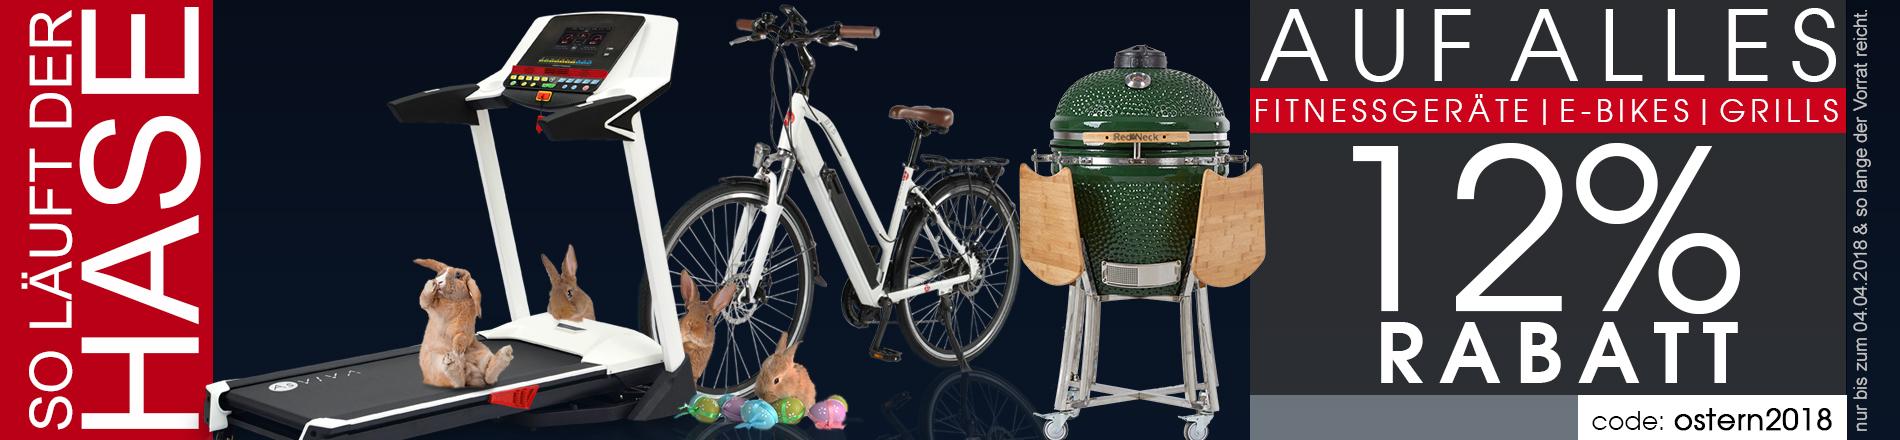 Oster-Rabatt 12% auf alles im AsVIVA Shop - E-Bikes, Fitnessgeräte, Keramikgrills und Haus & Garten top reduziert